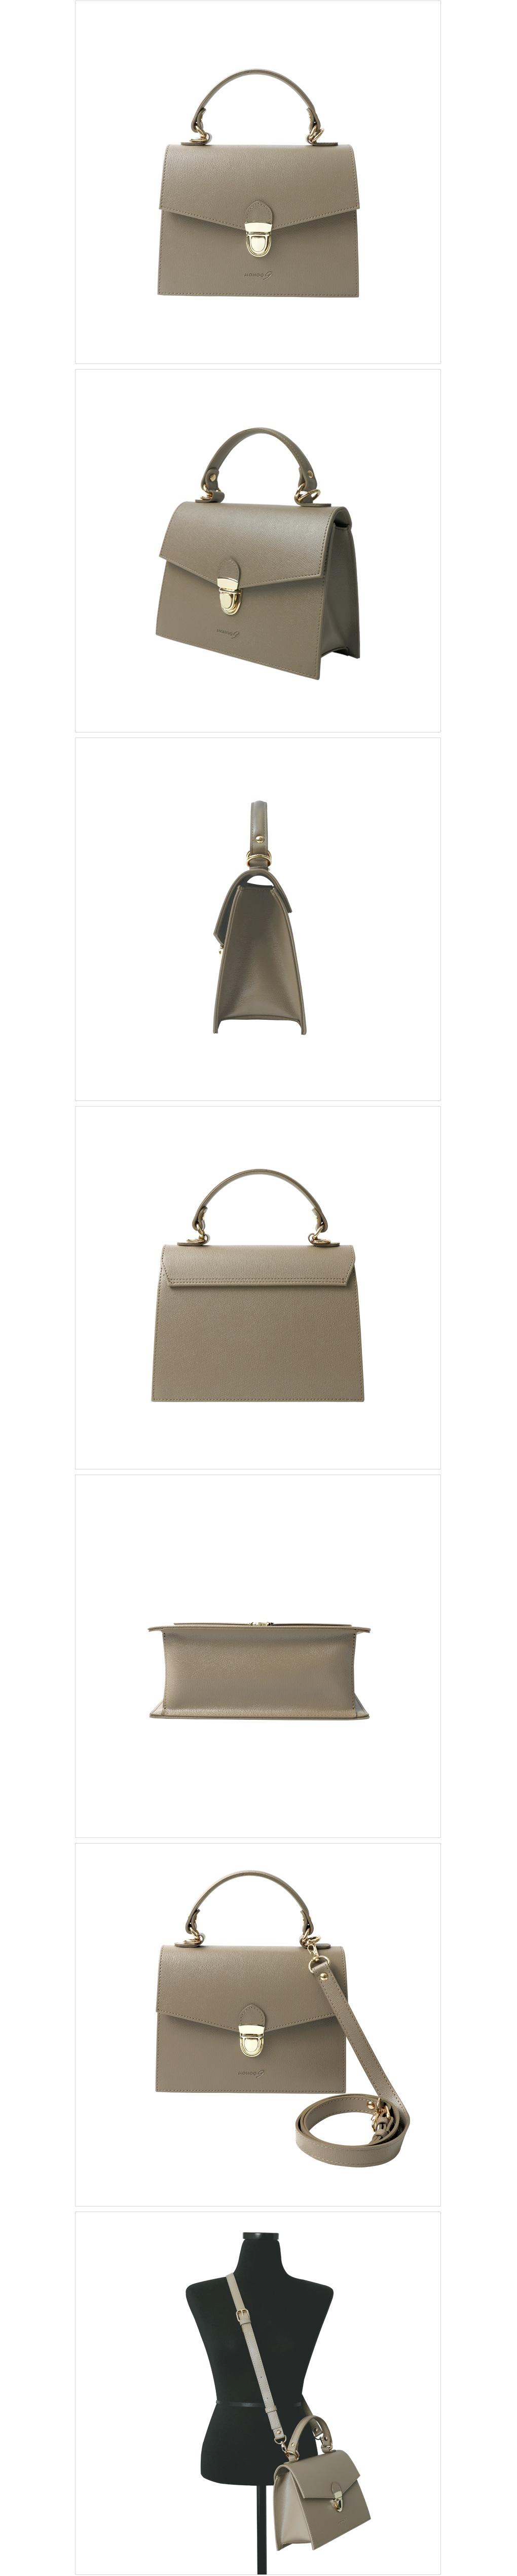 하이엔 토트 크로스백 (dark beige) - 모노크나인, 58,000원, 크로스백, 인조가죽크로스백